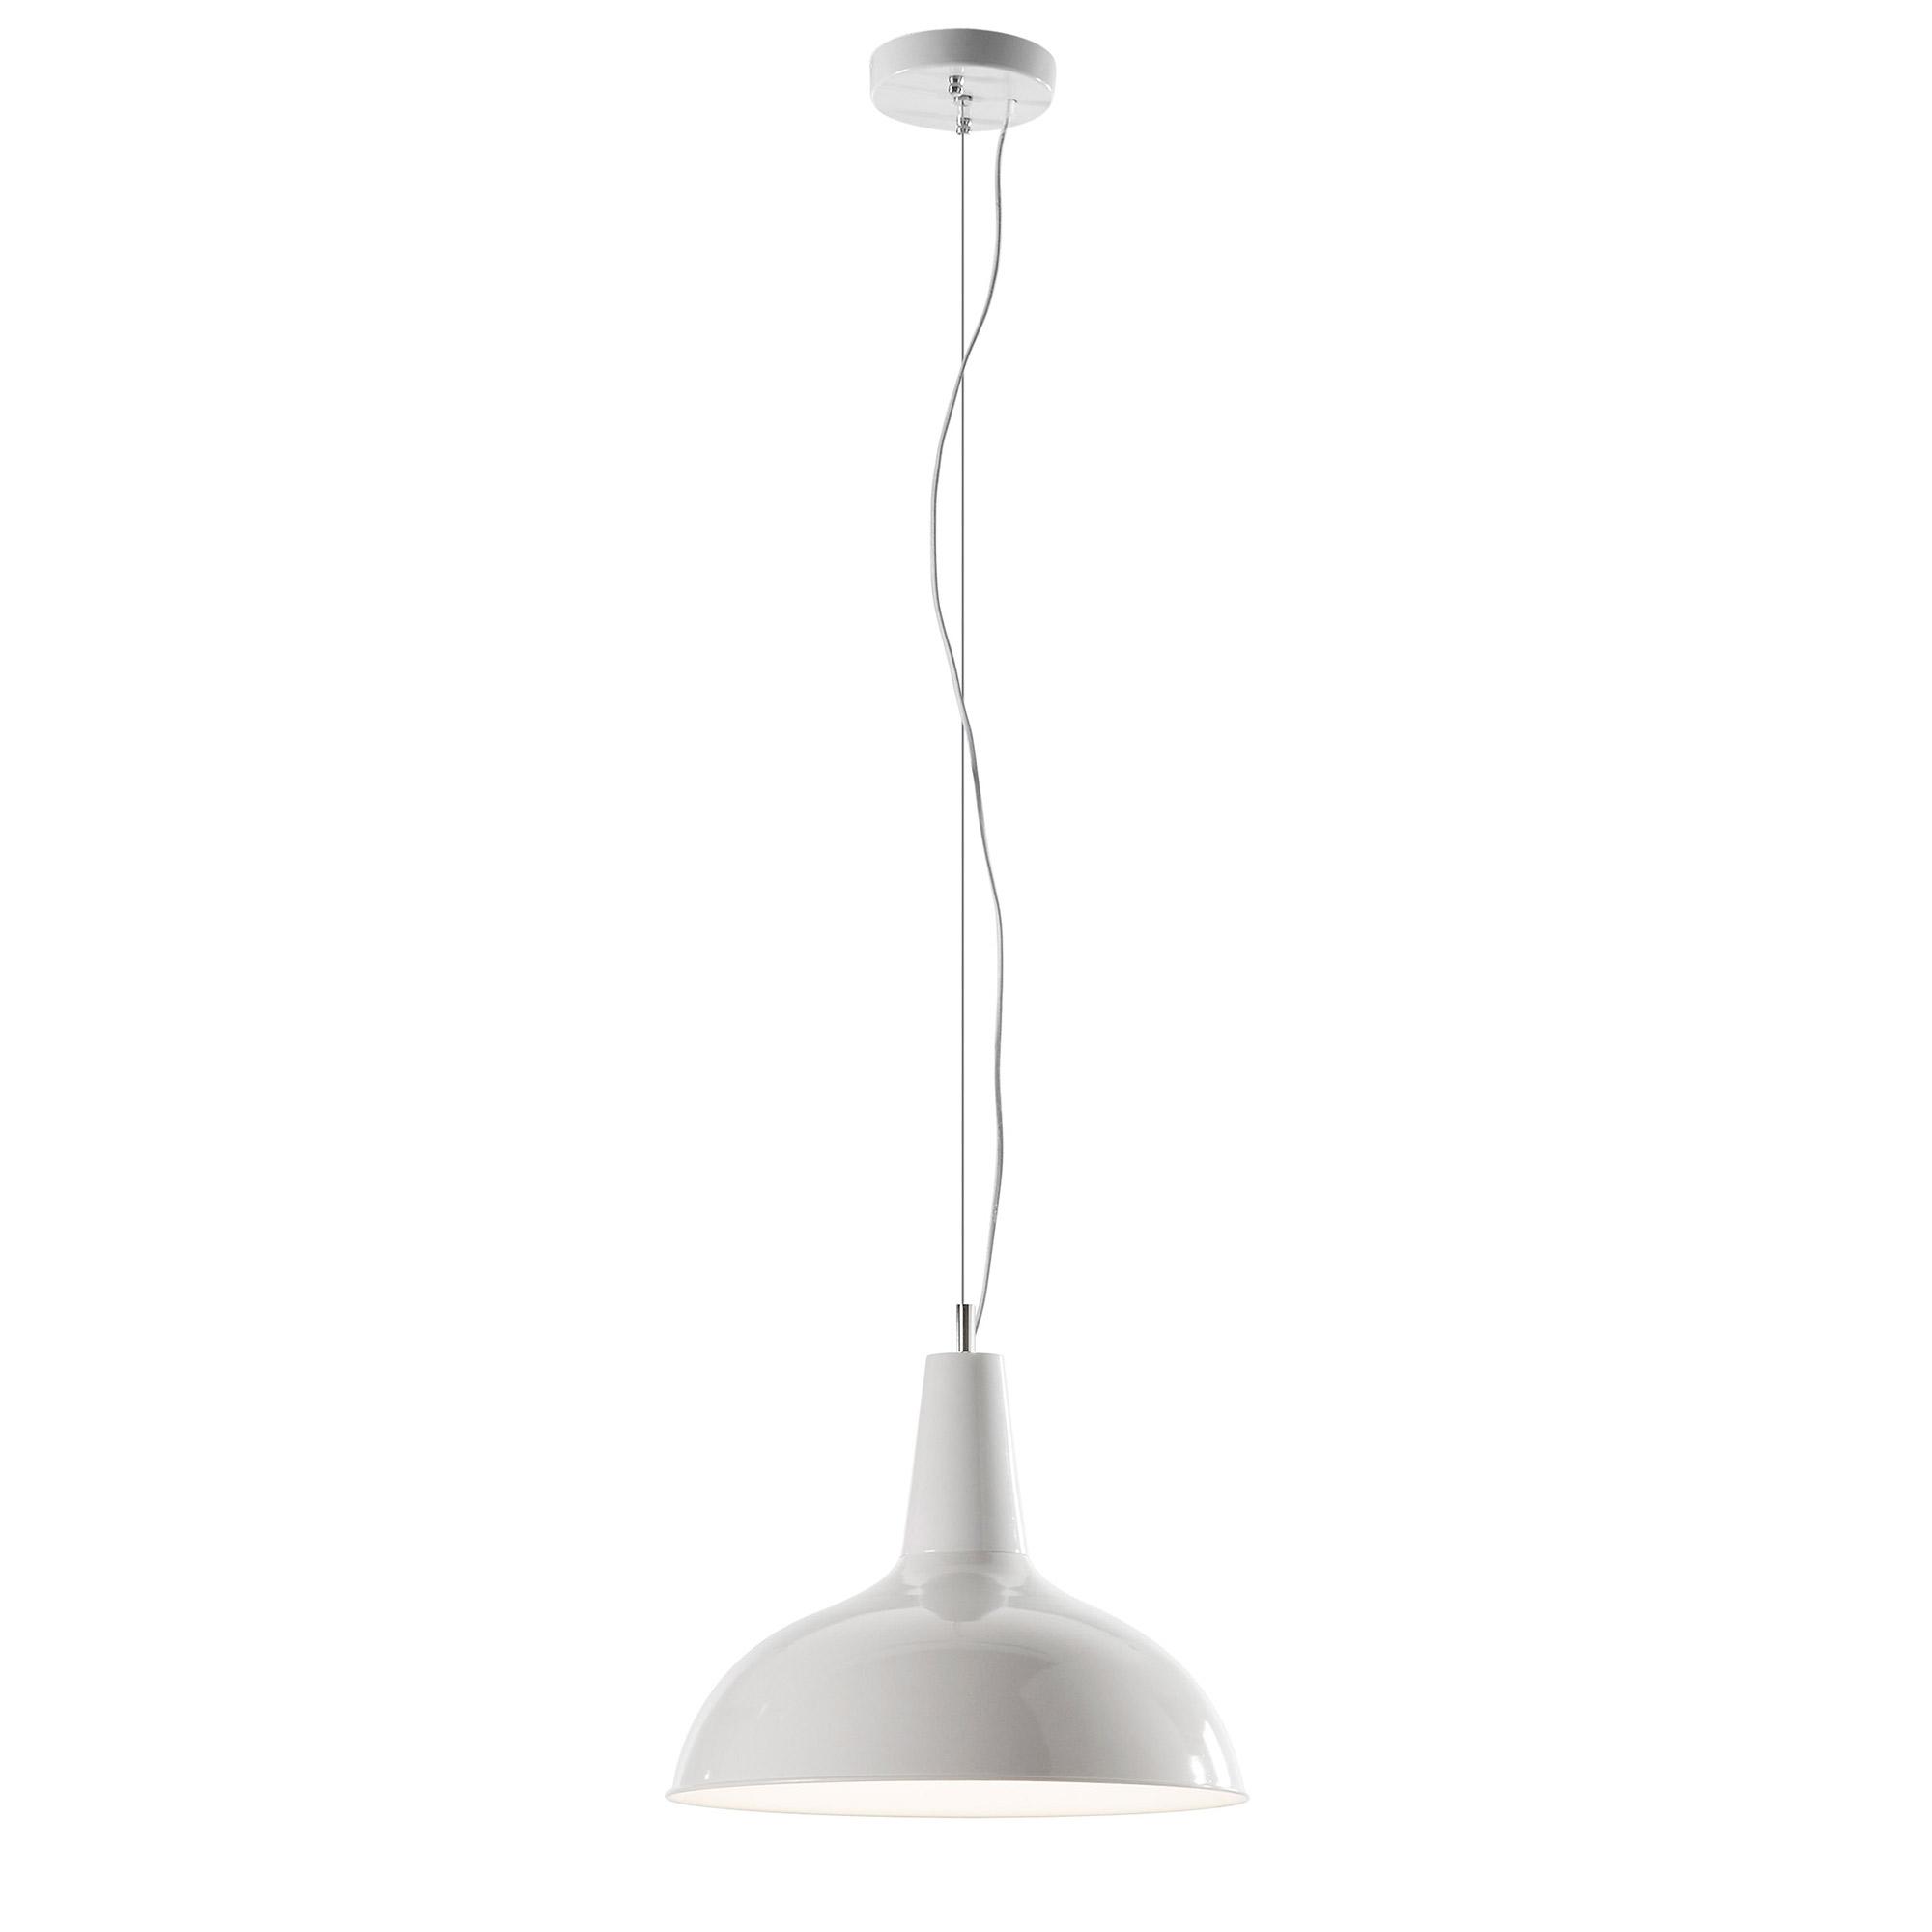 Lámpara de techo Darla R33 metal blanco